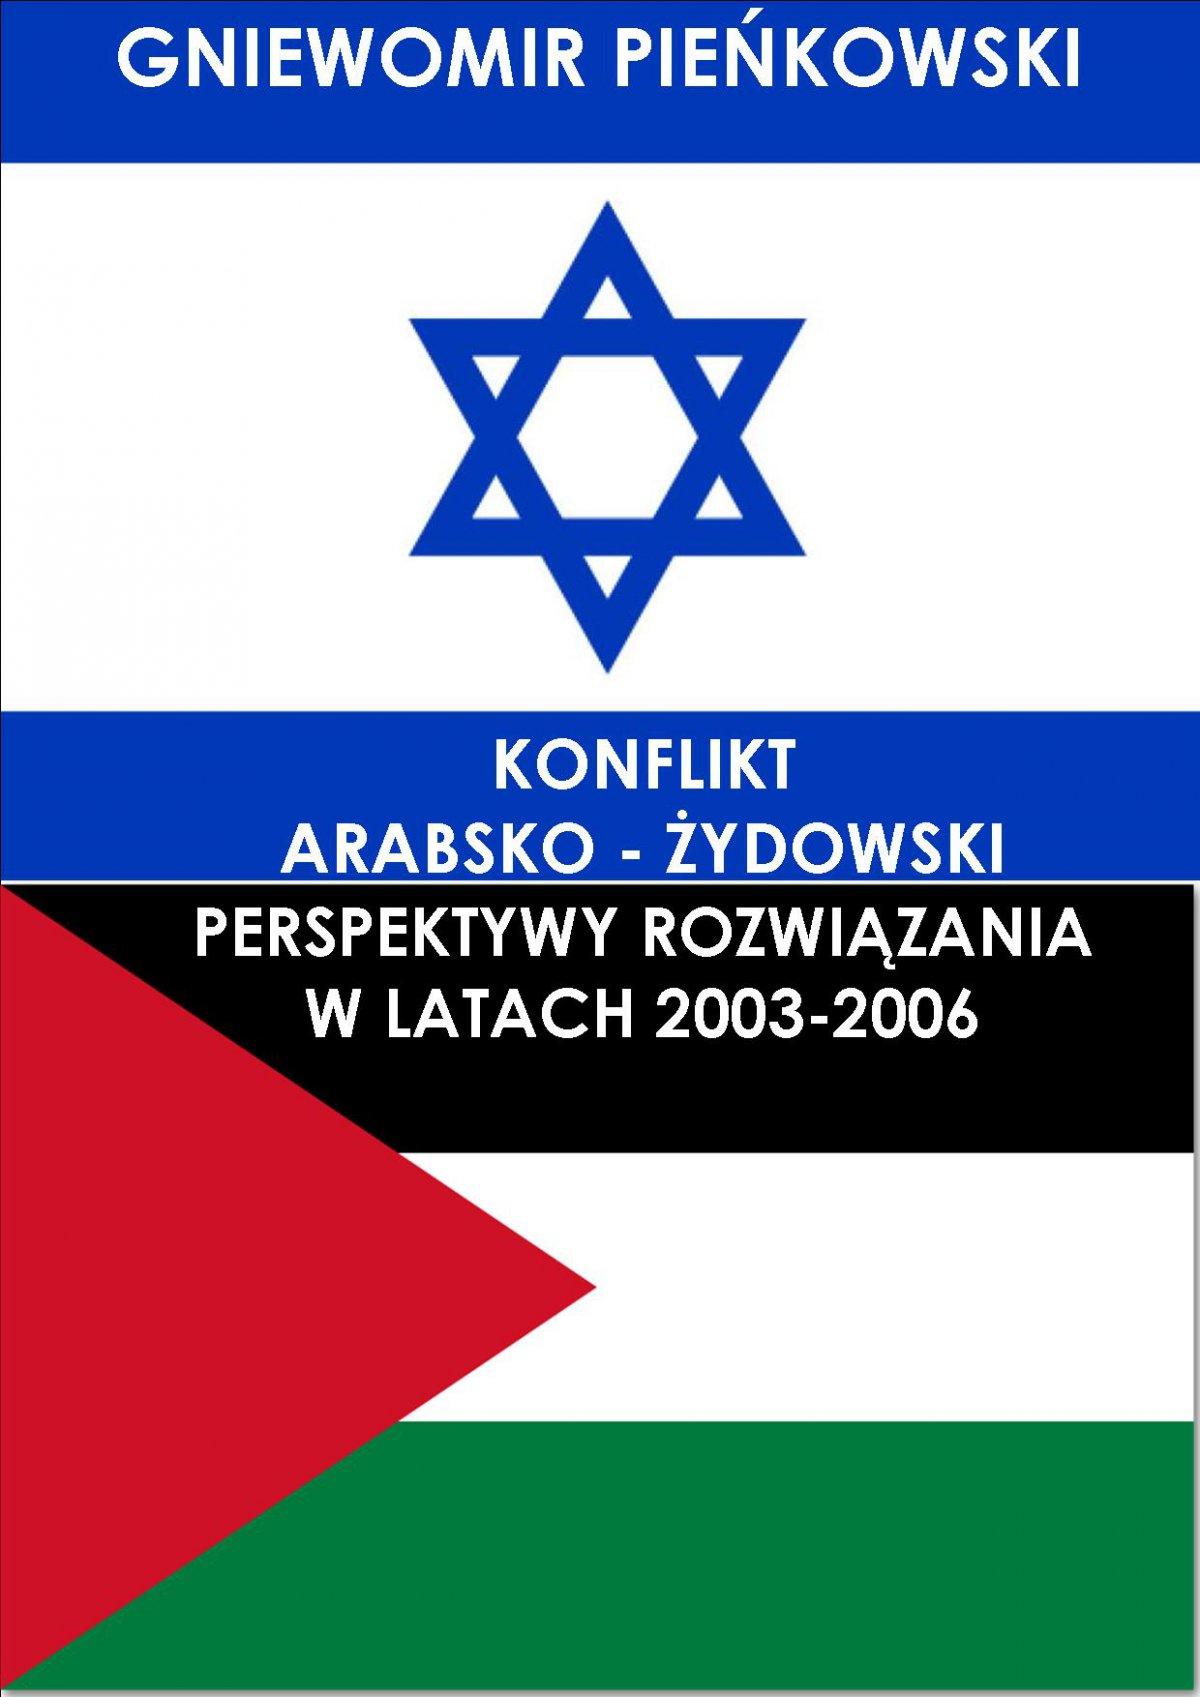 Konflikt arabsko - żydowski. Perspektywy rozwiązania w latach 2003-2006 - Ebook (Książka PDF) do pobrania w formacie PDF